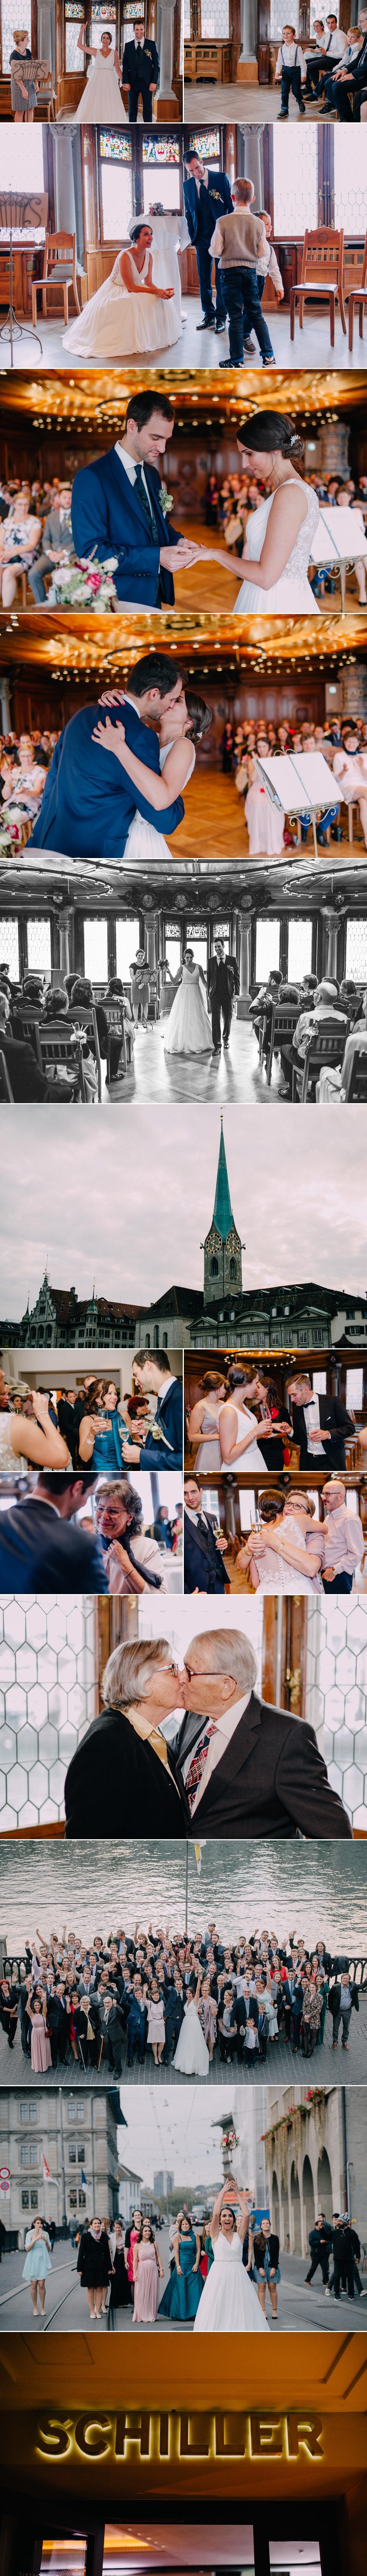 Der Hochzeitstag von Claudia und Marcel